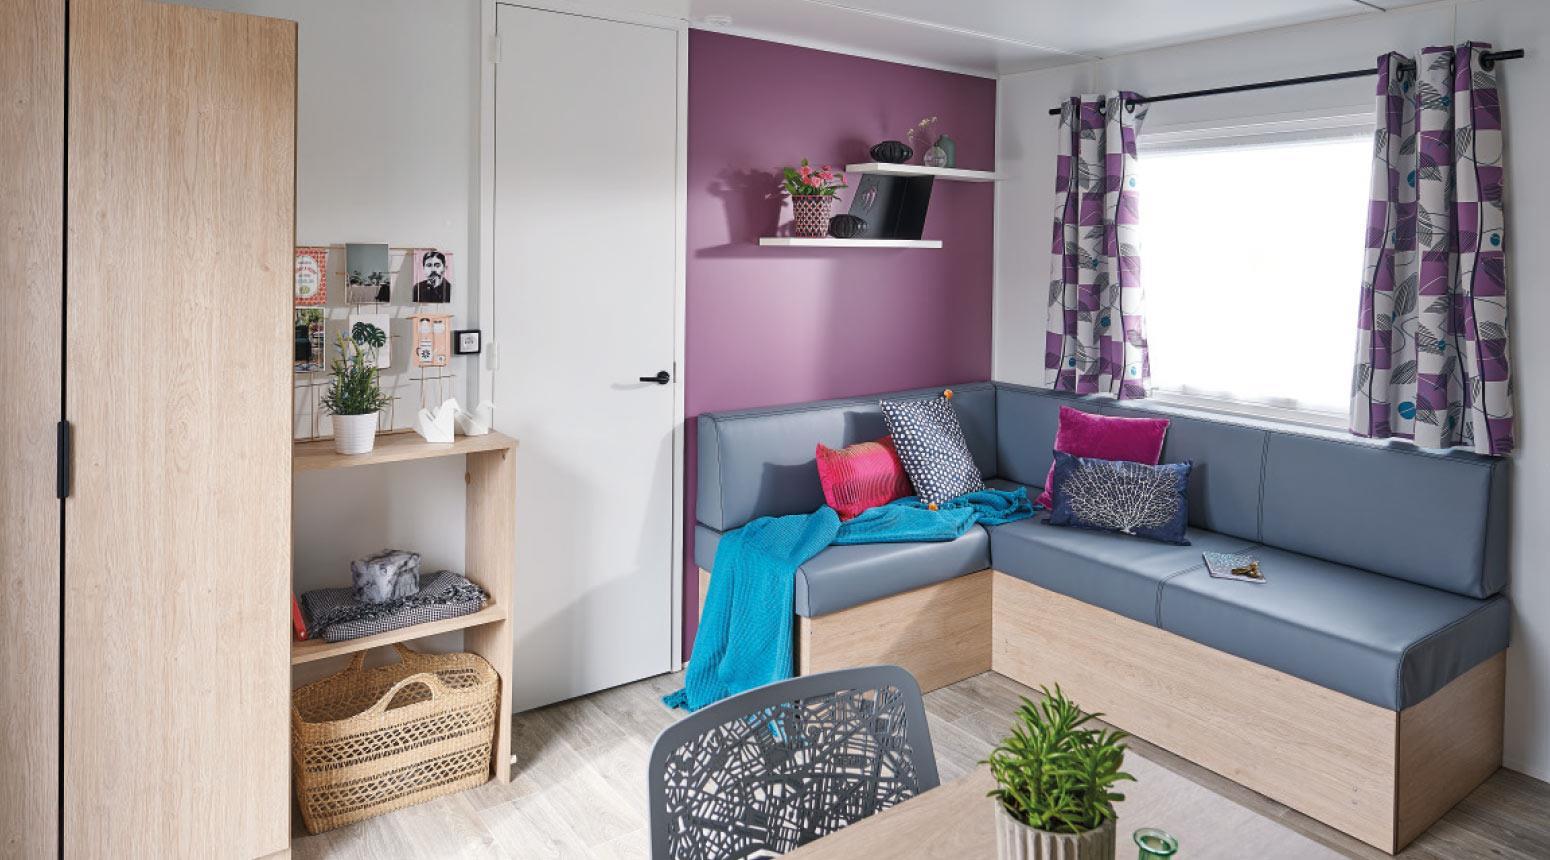 Location - Nouveauté 2020 ! Cottage Neuf Tribu 40 M² - 4 Chambres Dont 1 Transformée En Salle De Jeux Enfants - Télévision - Camping Sites et Paysages Etang de Bazange